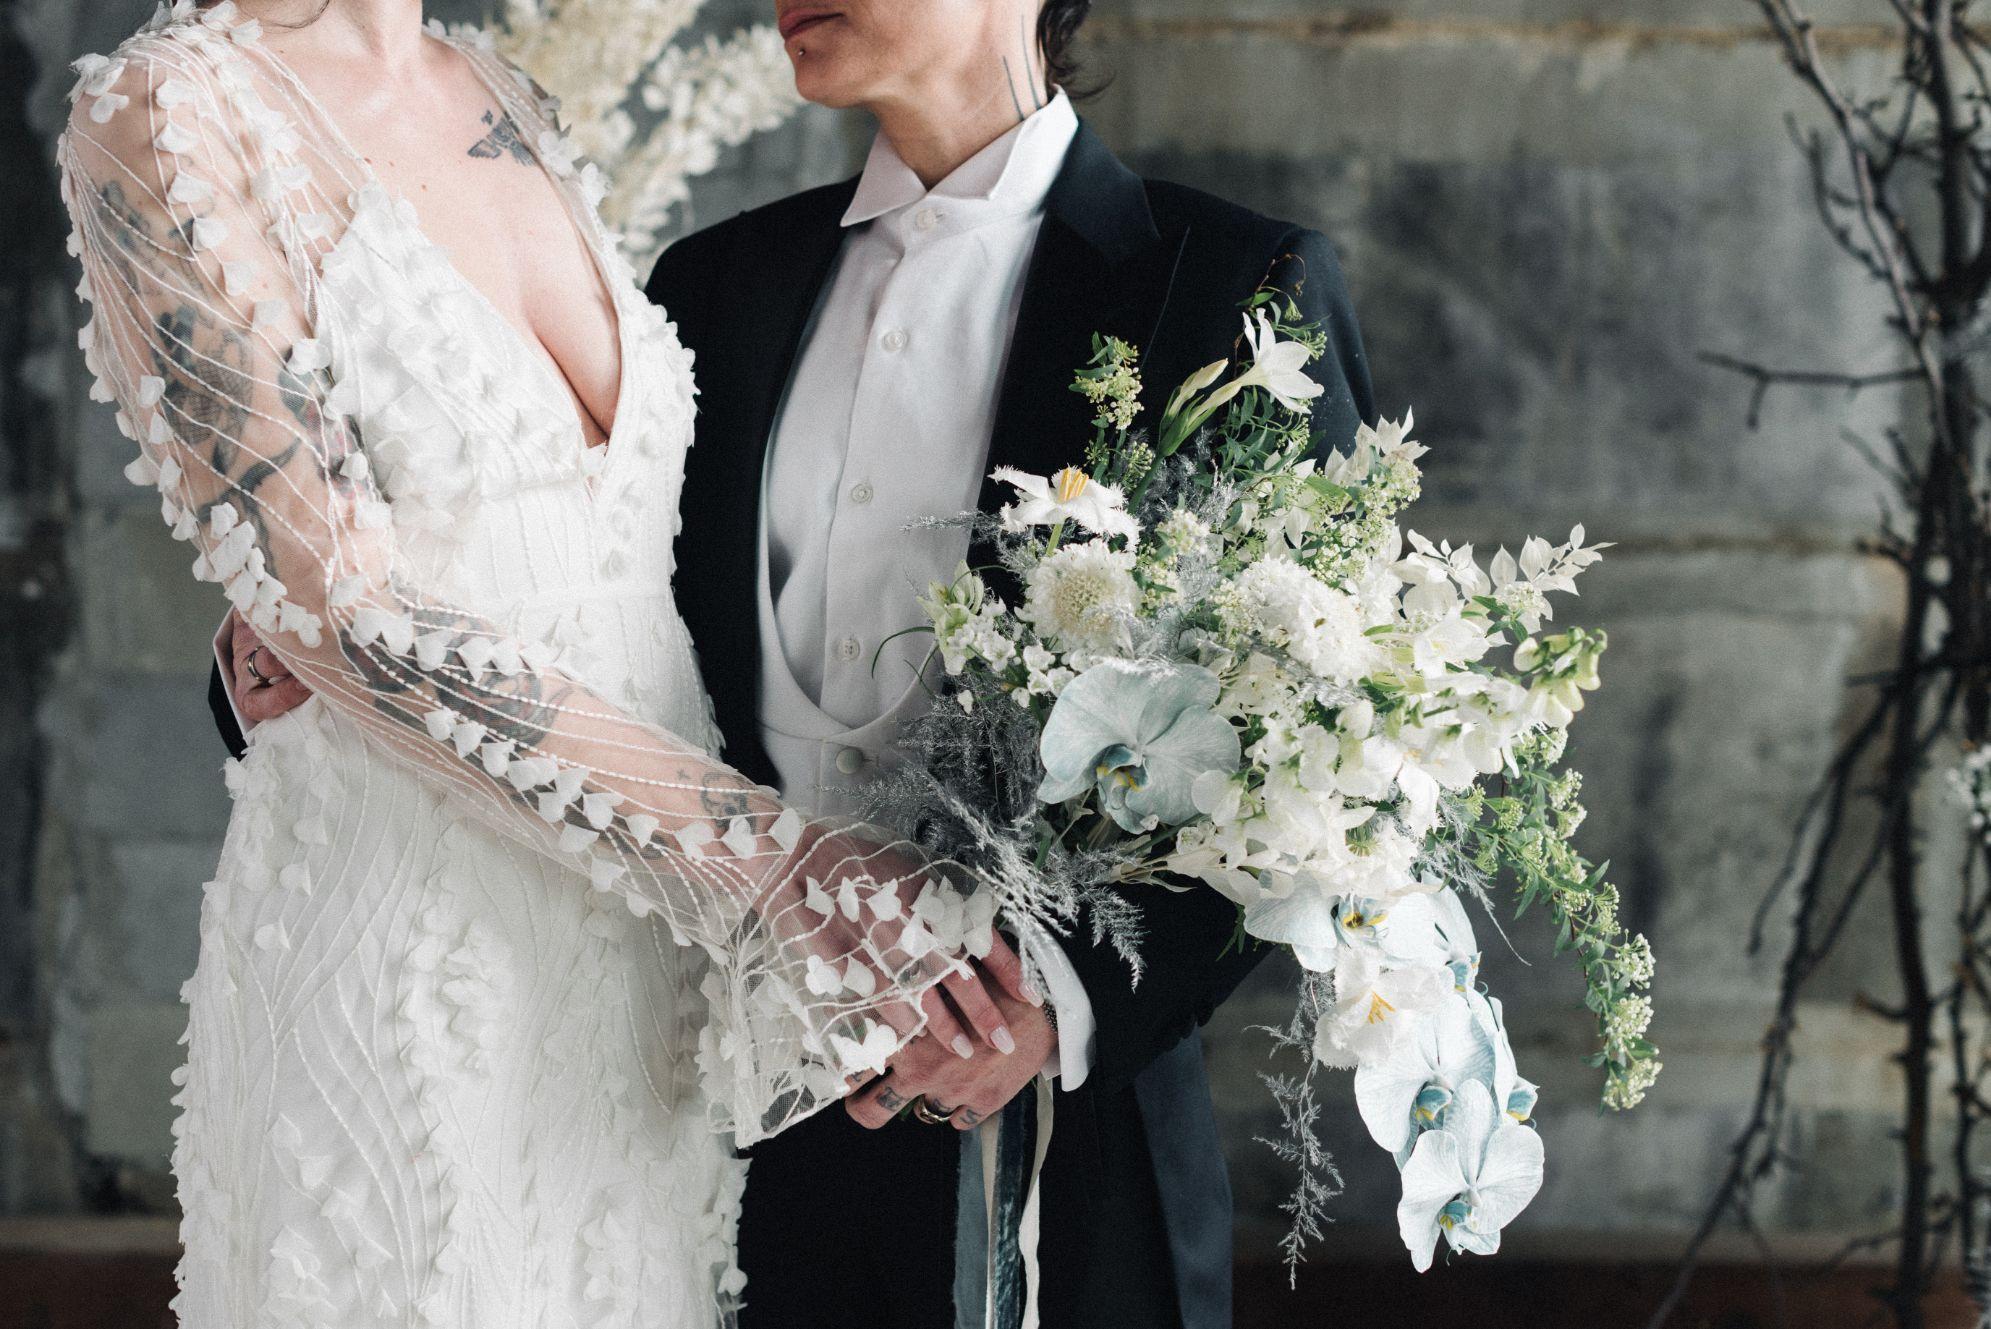 olio-peabody-boston-lesbian-wedding-style-daylynn-designs14.jpg